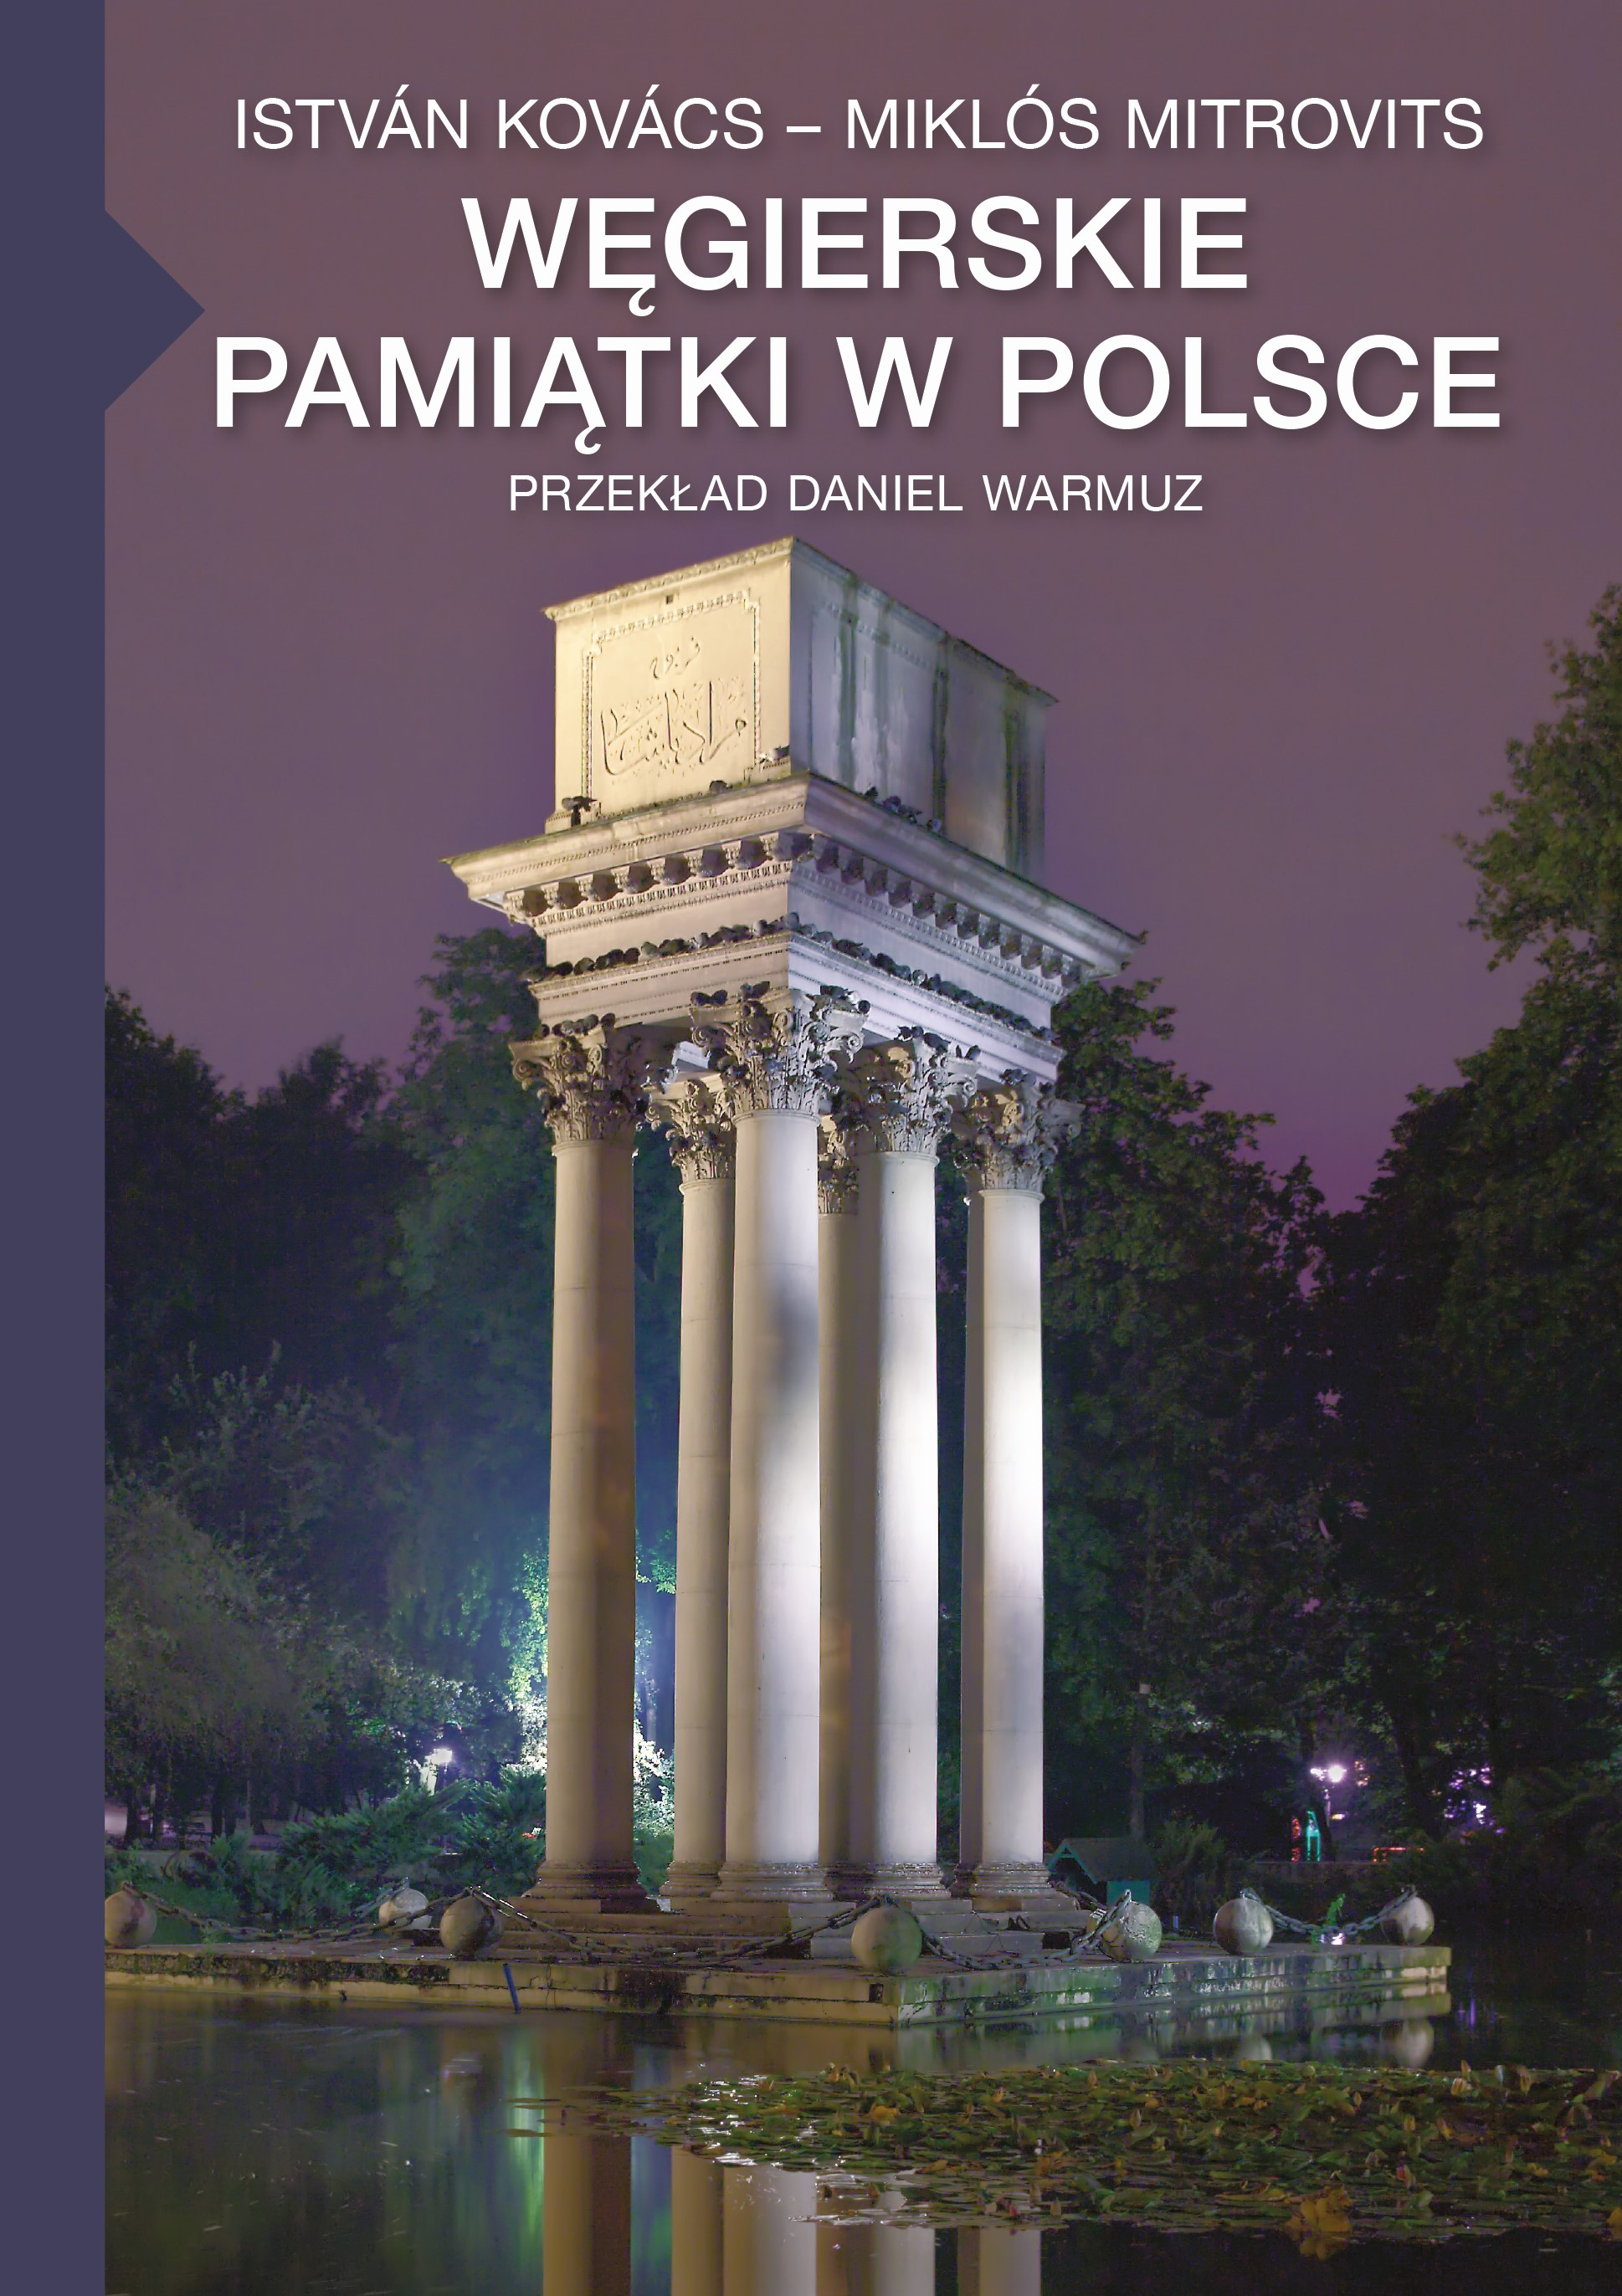 Węgierskie pamiątki w polsce